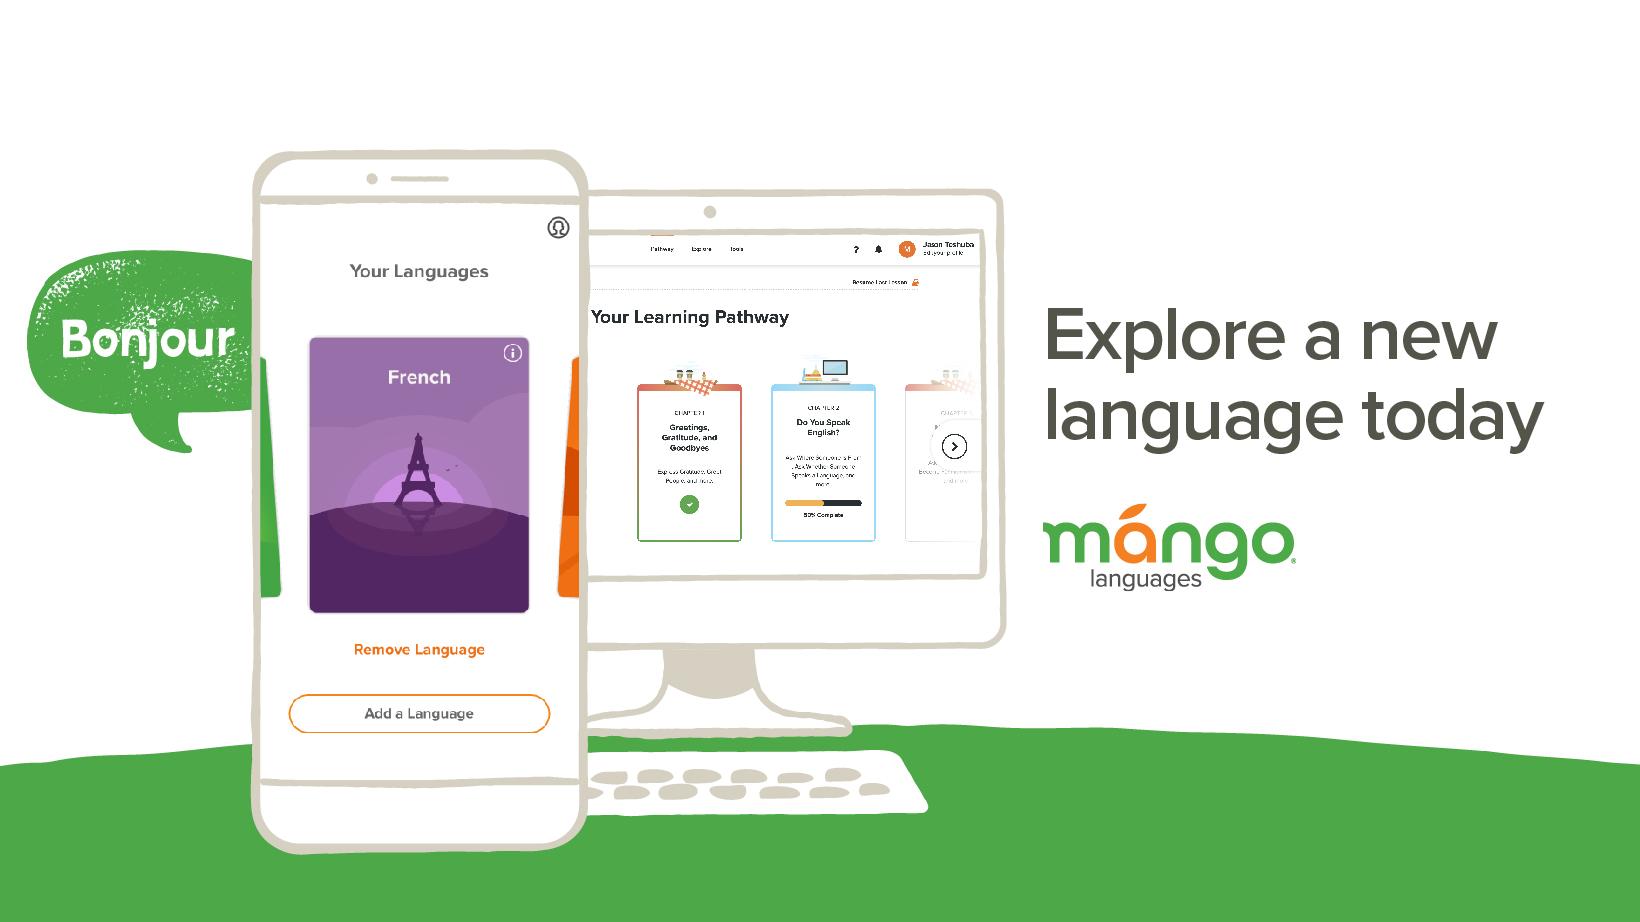 Mango Languages image